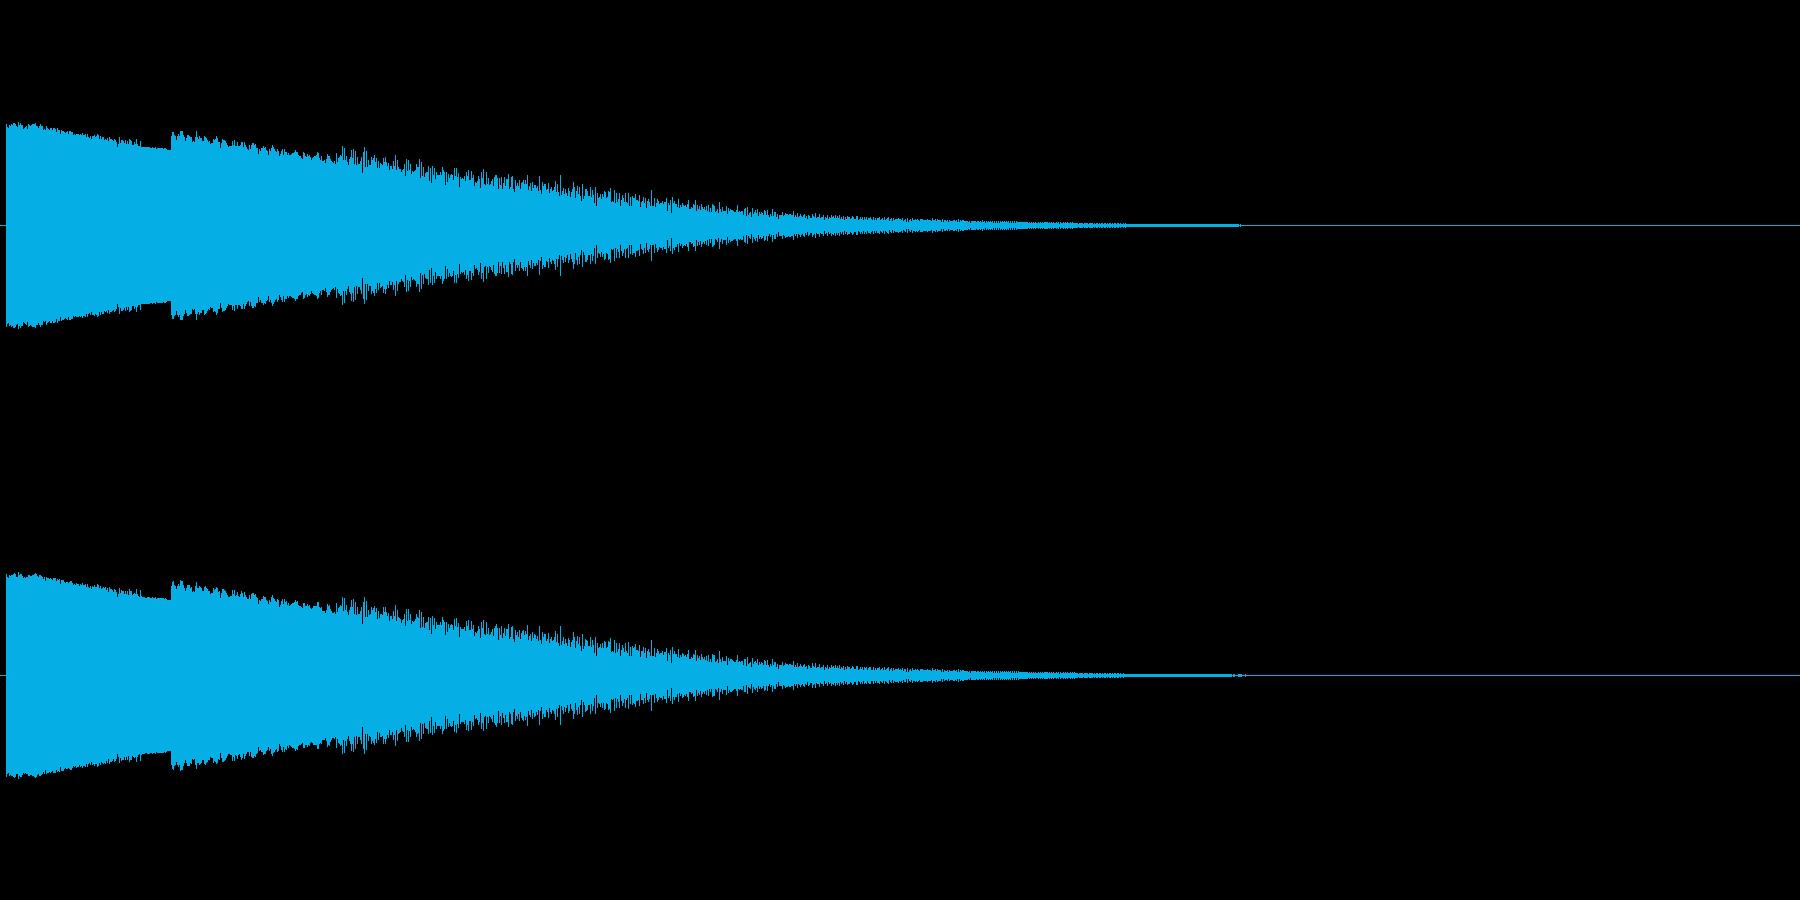 ピュー 下降の再生済みの波形